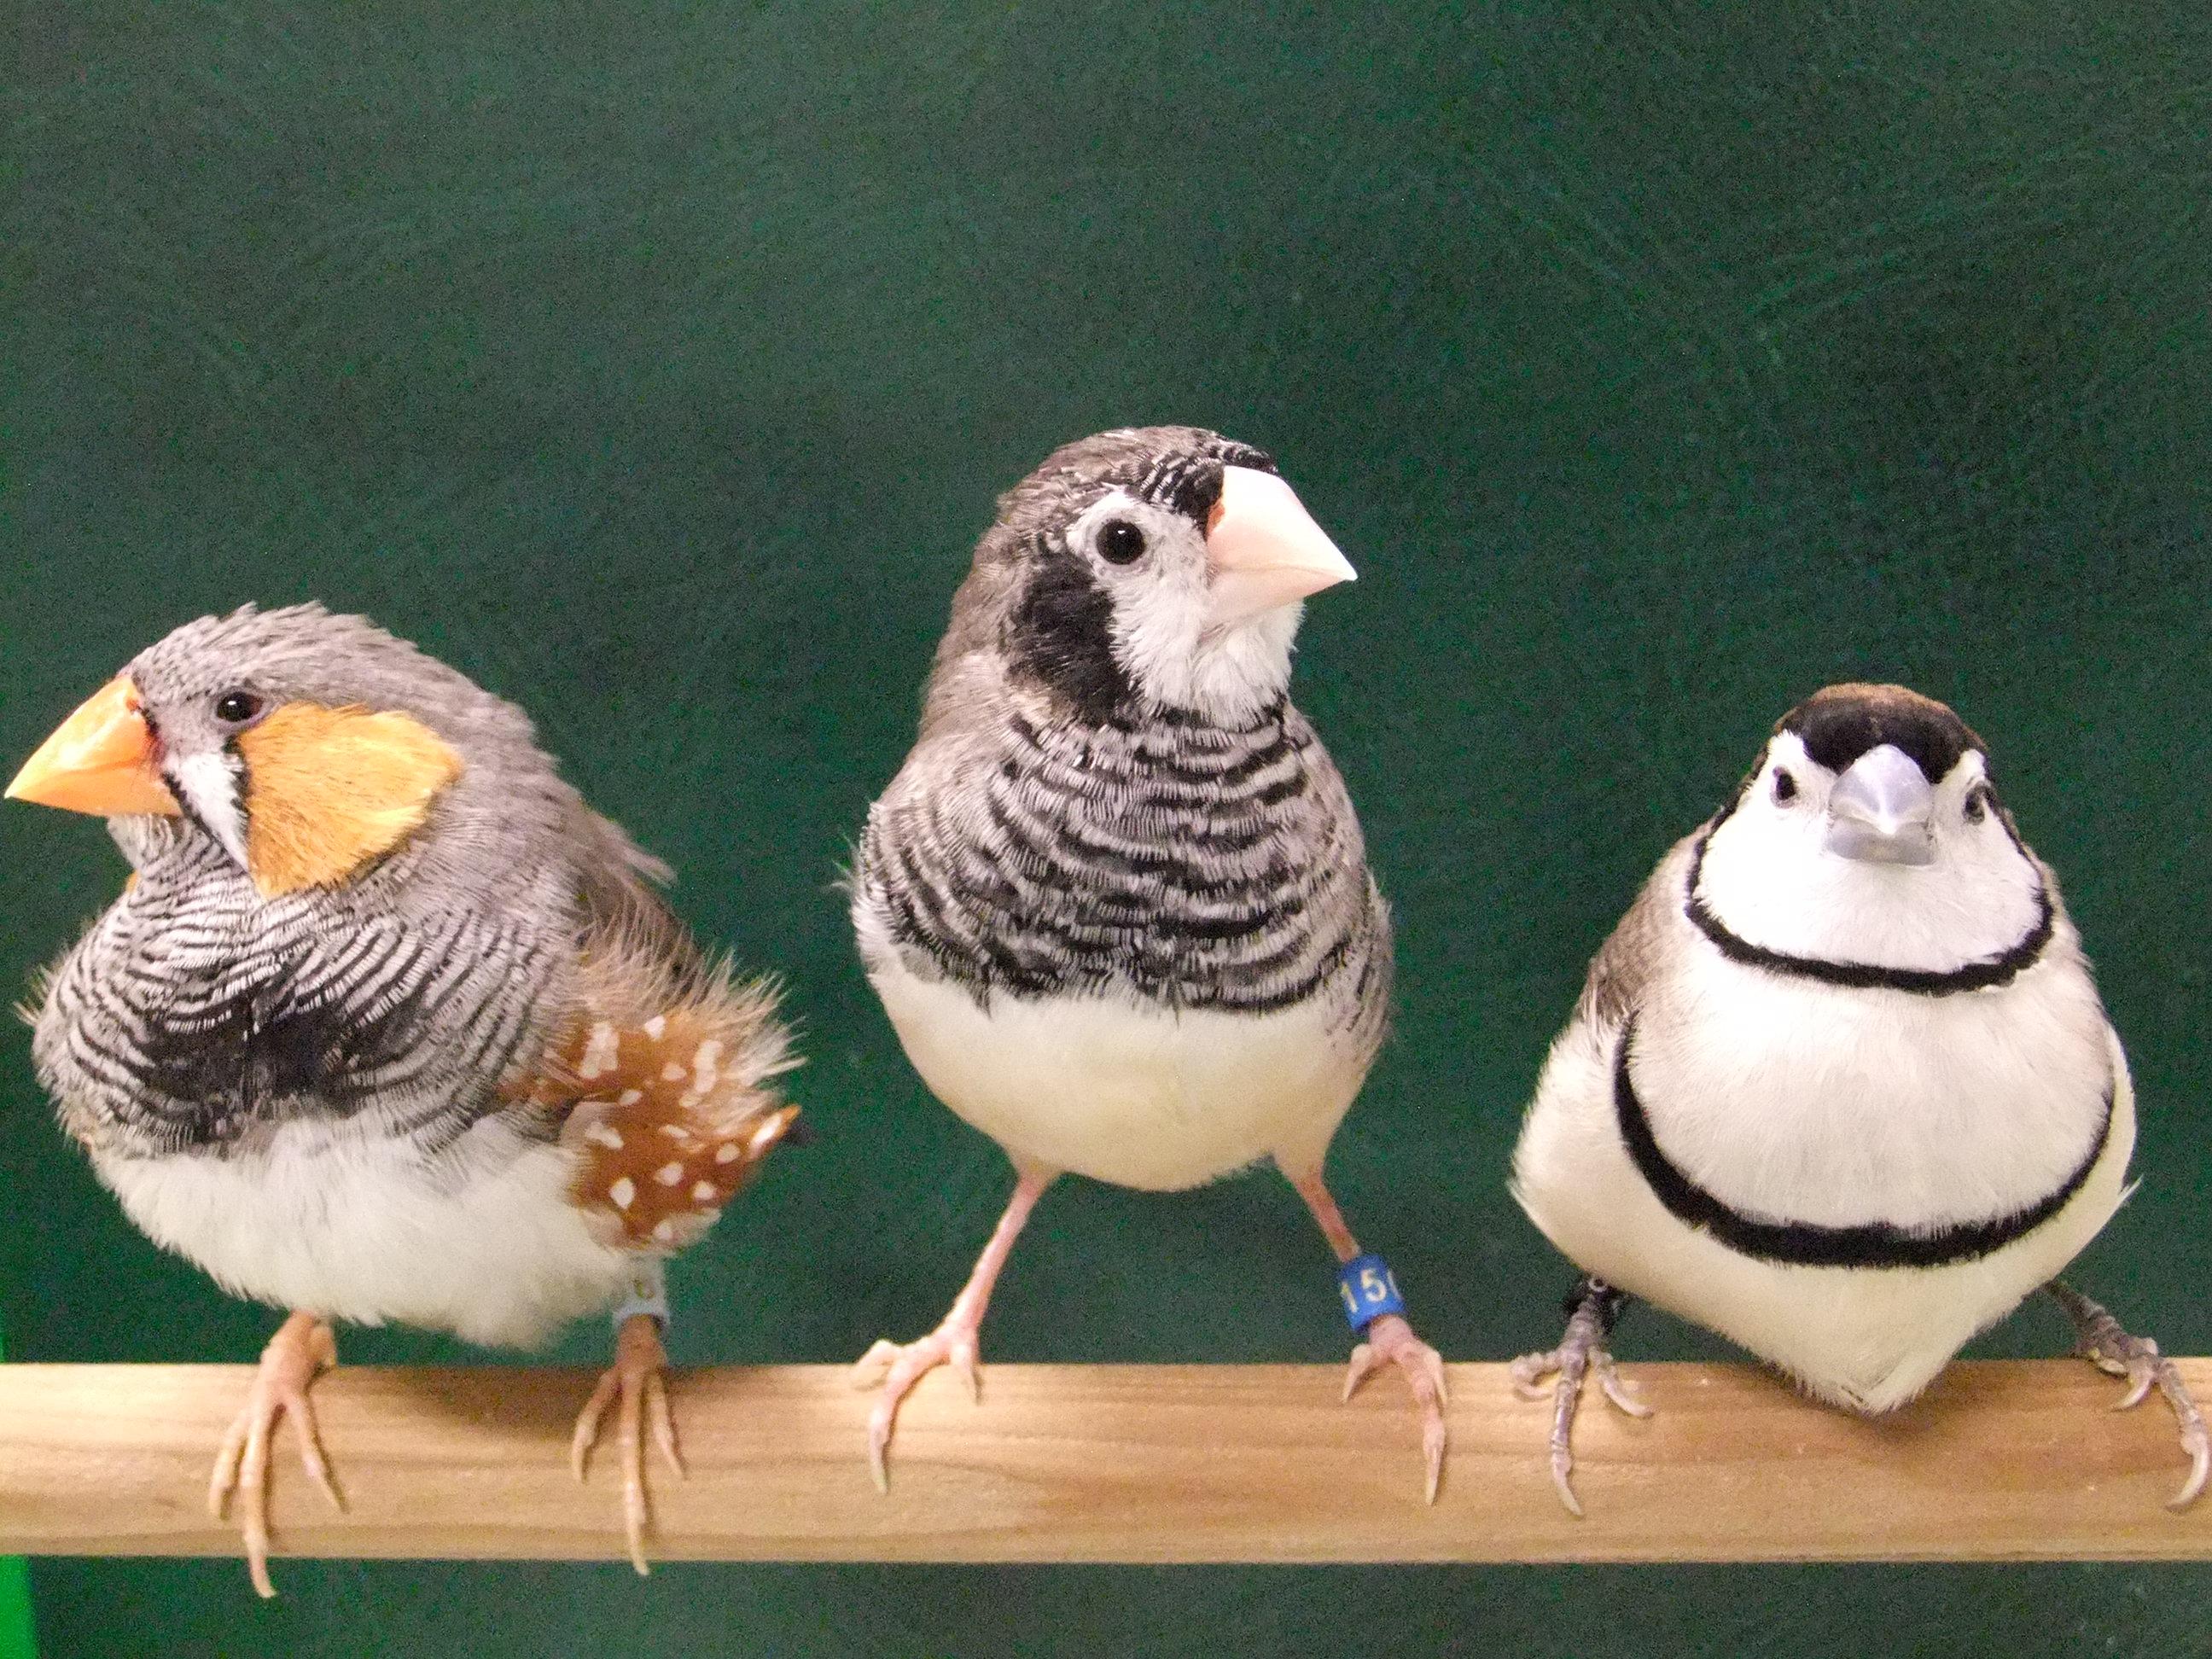 小鳥の種によって歌が異なる原因に関わる遺伝子群を同定